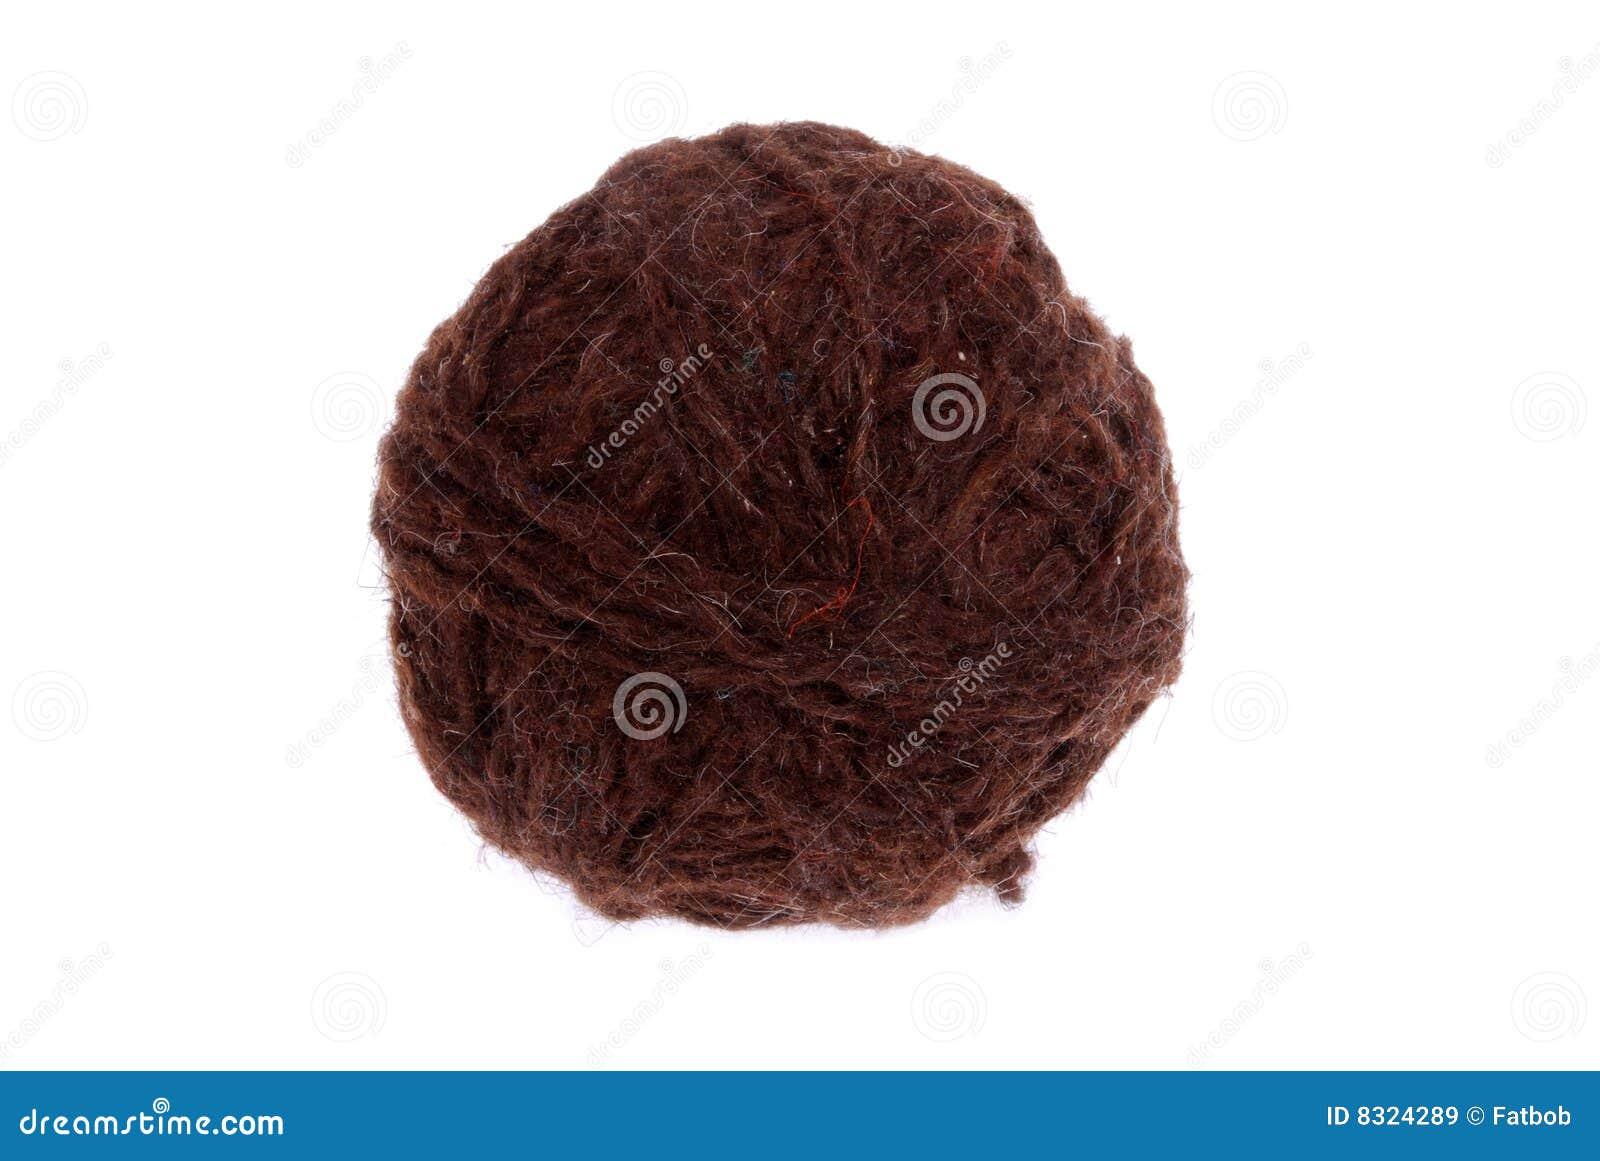 καφετί μαλλί σφαιρών